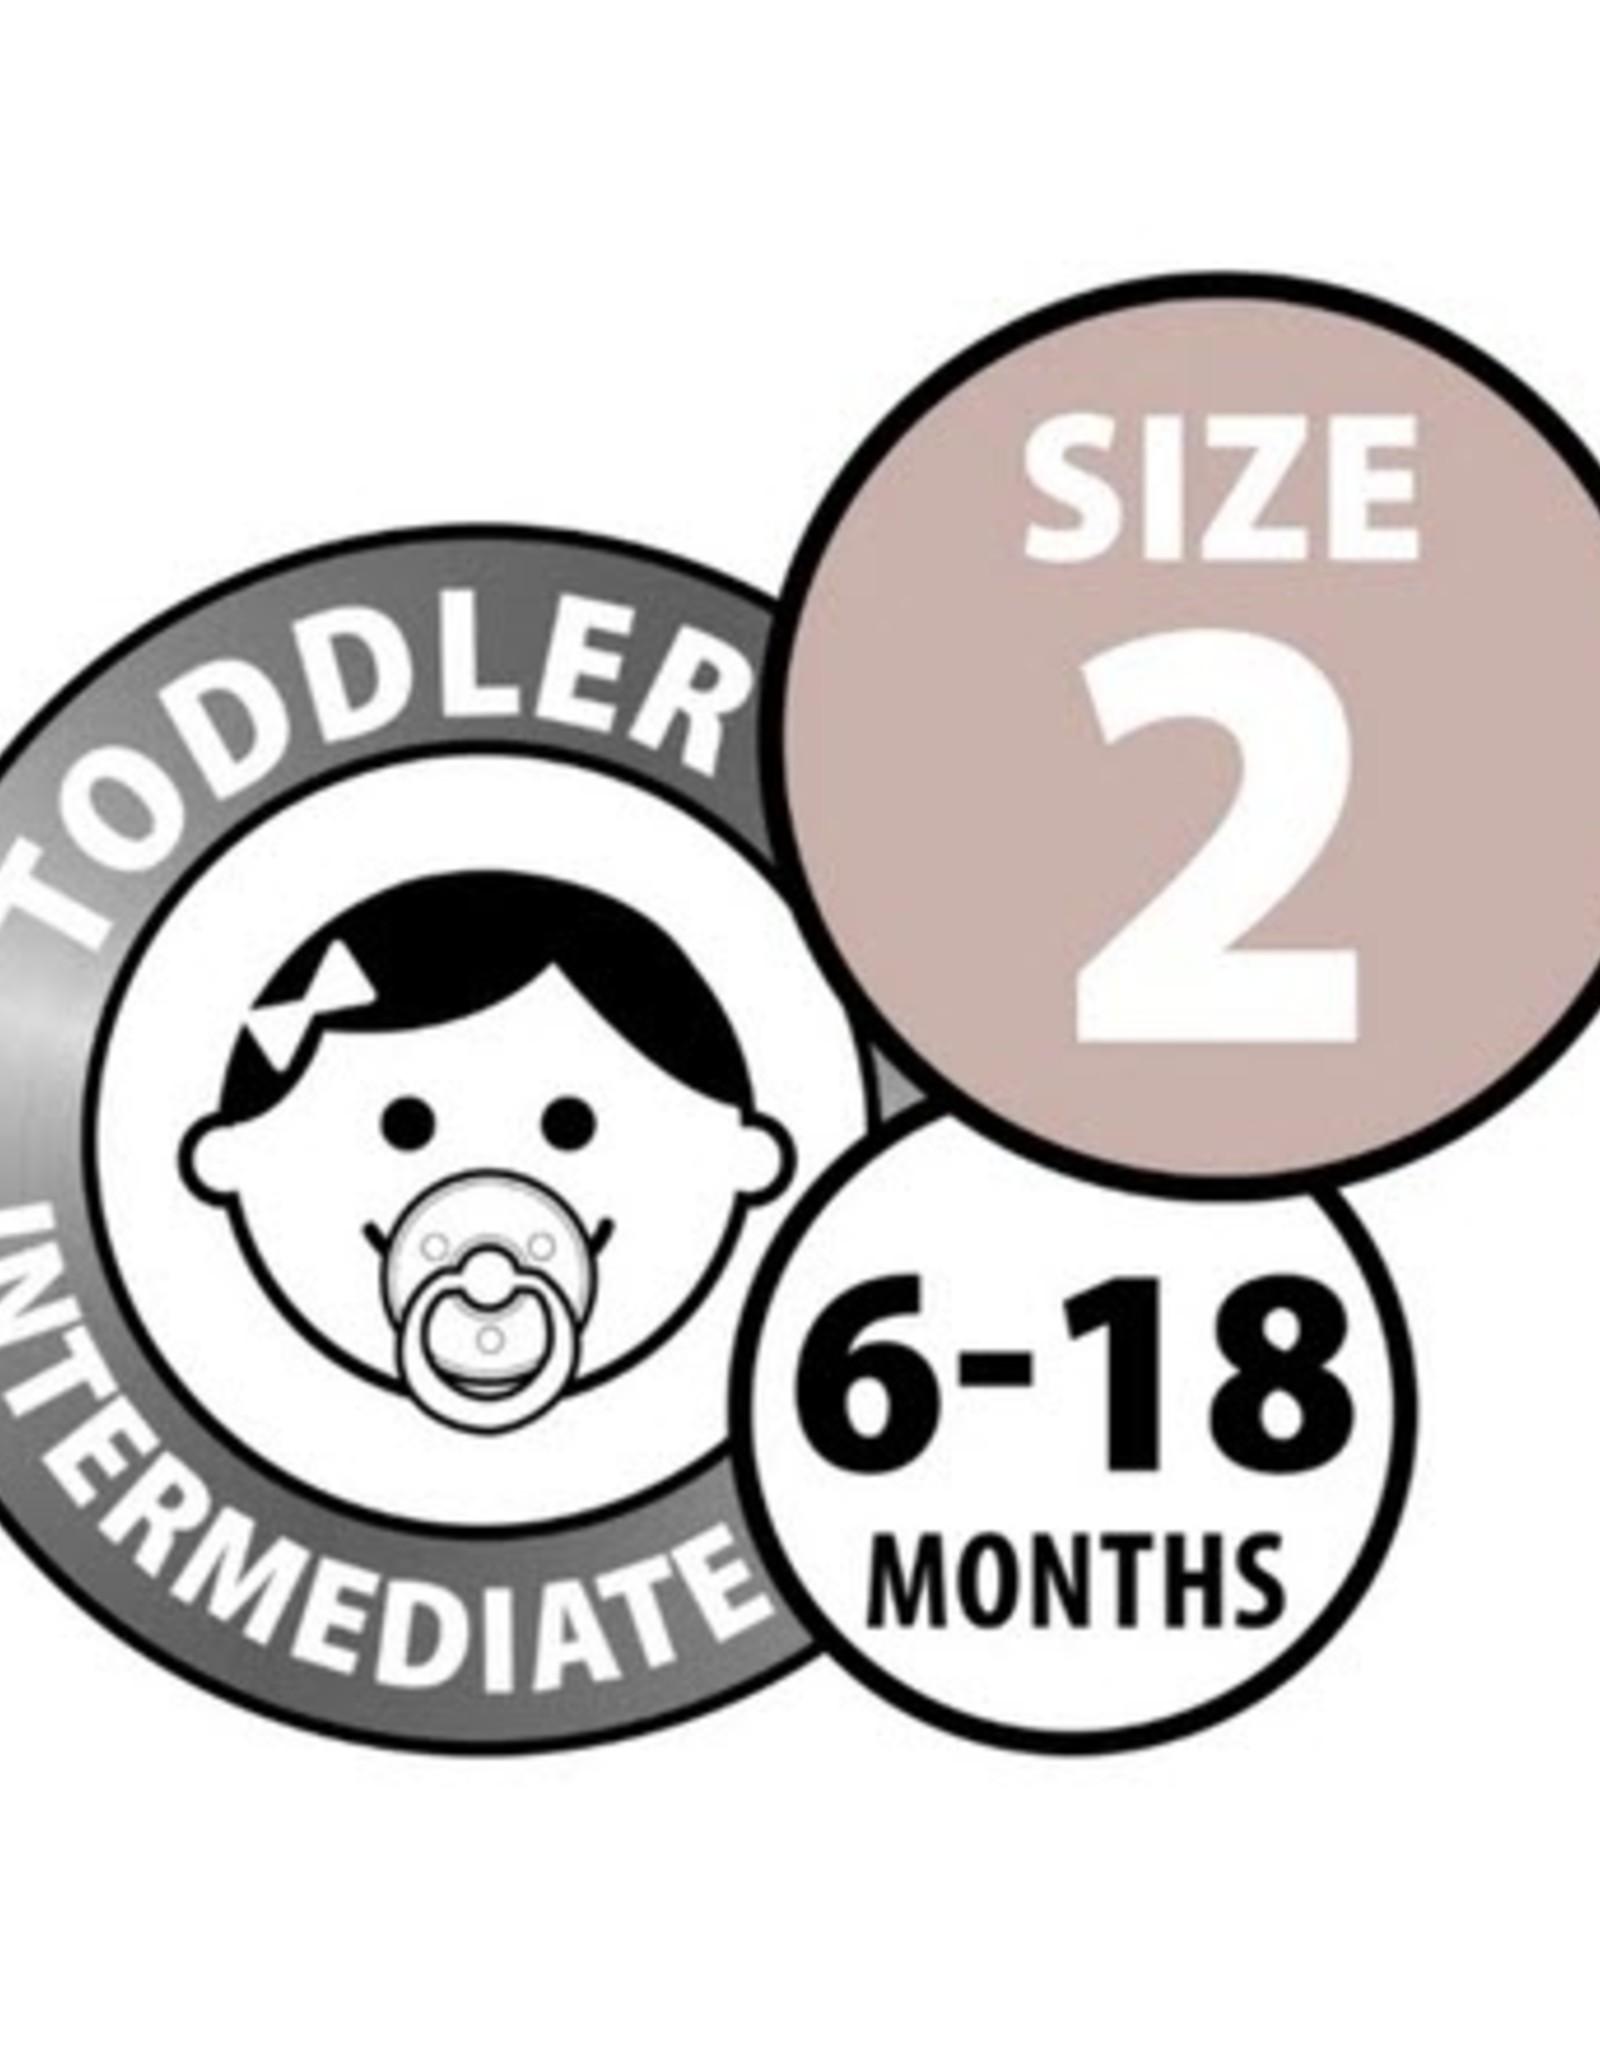 Bibs Bibs Round Pacifier - Sage Size 2 (2 Pack)